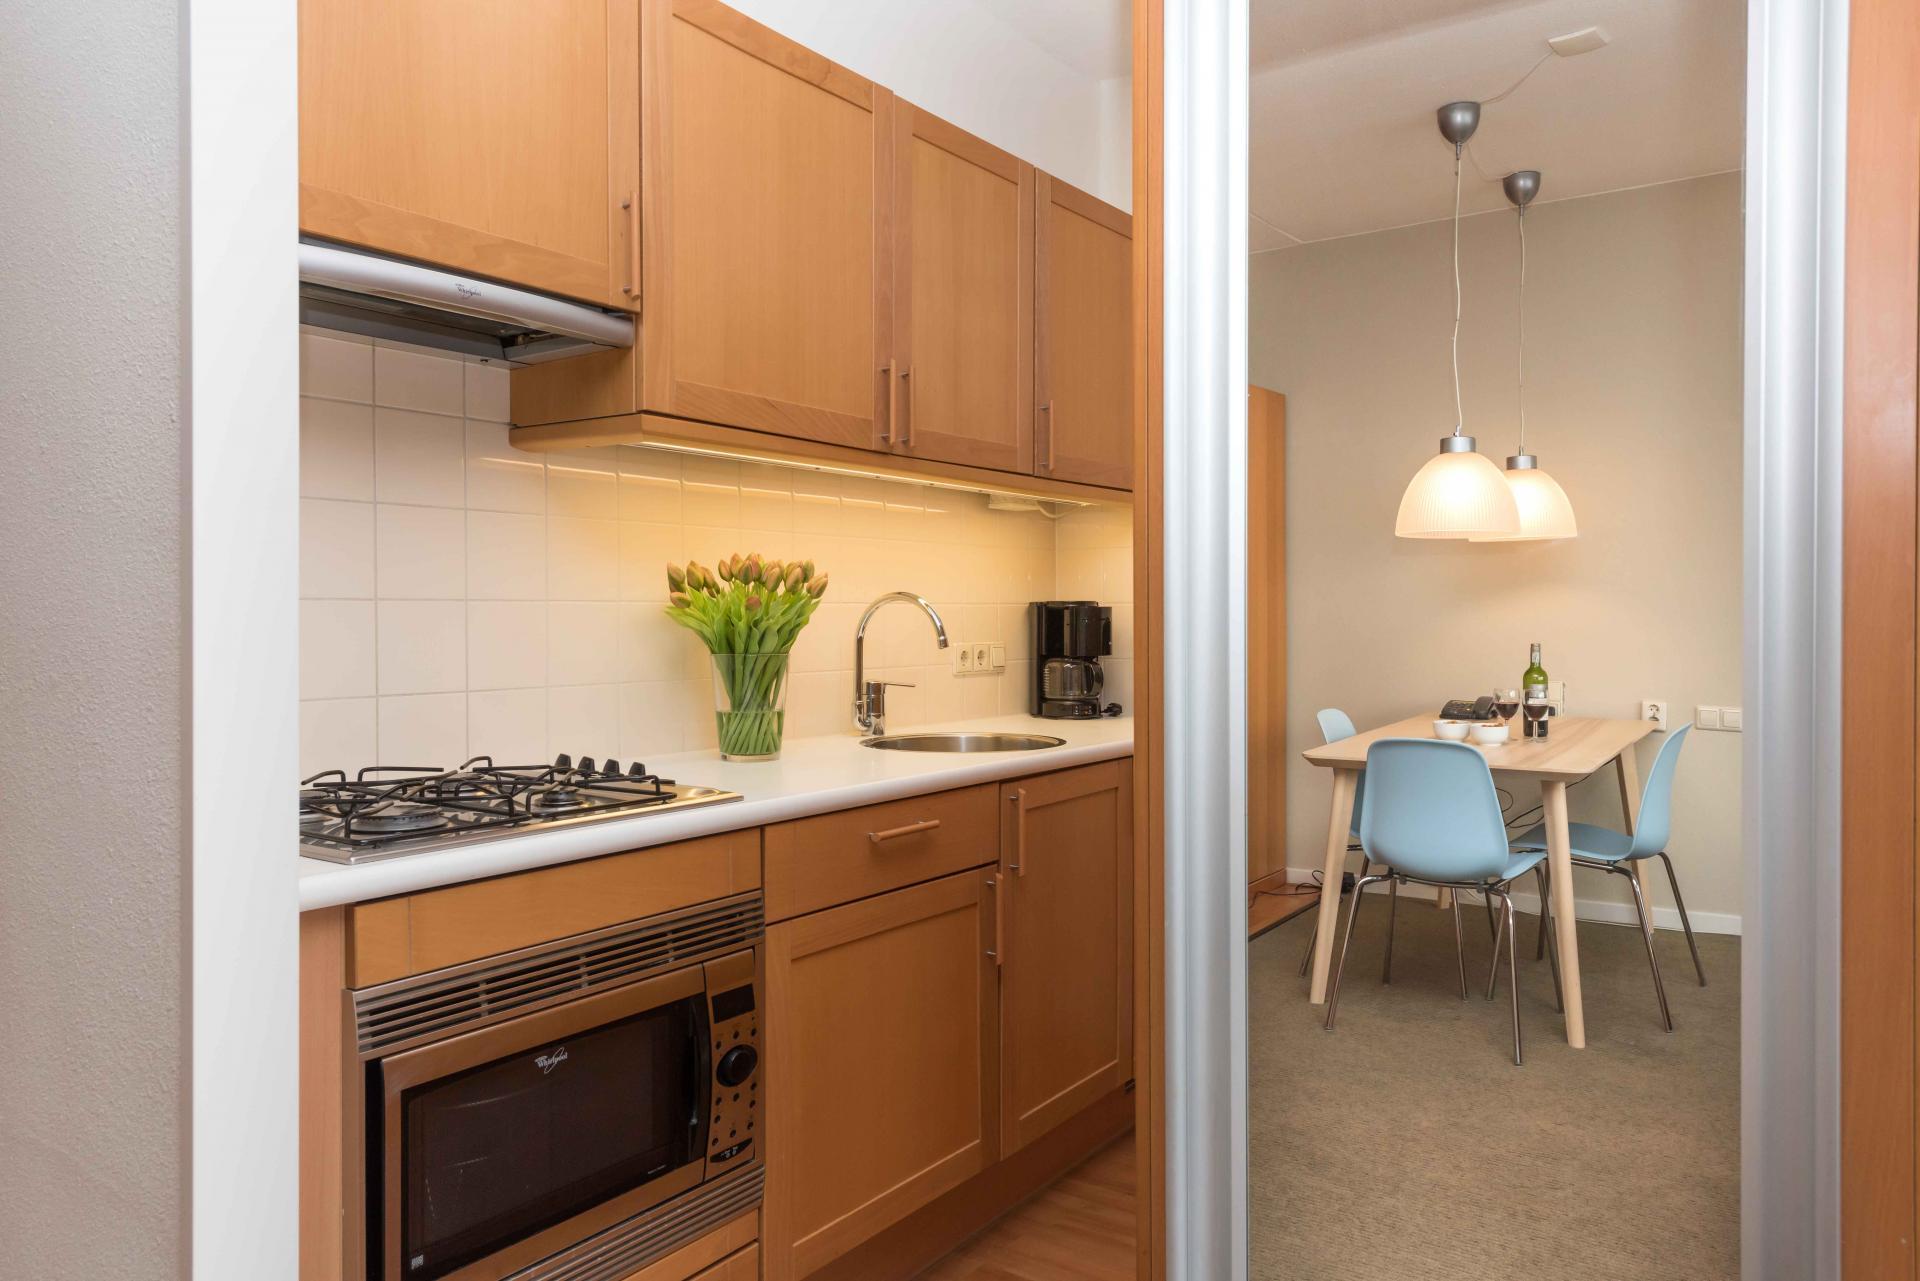 Kitchen facilities at Htel Amstelveen, Amsterdam